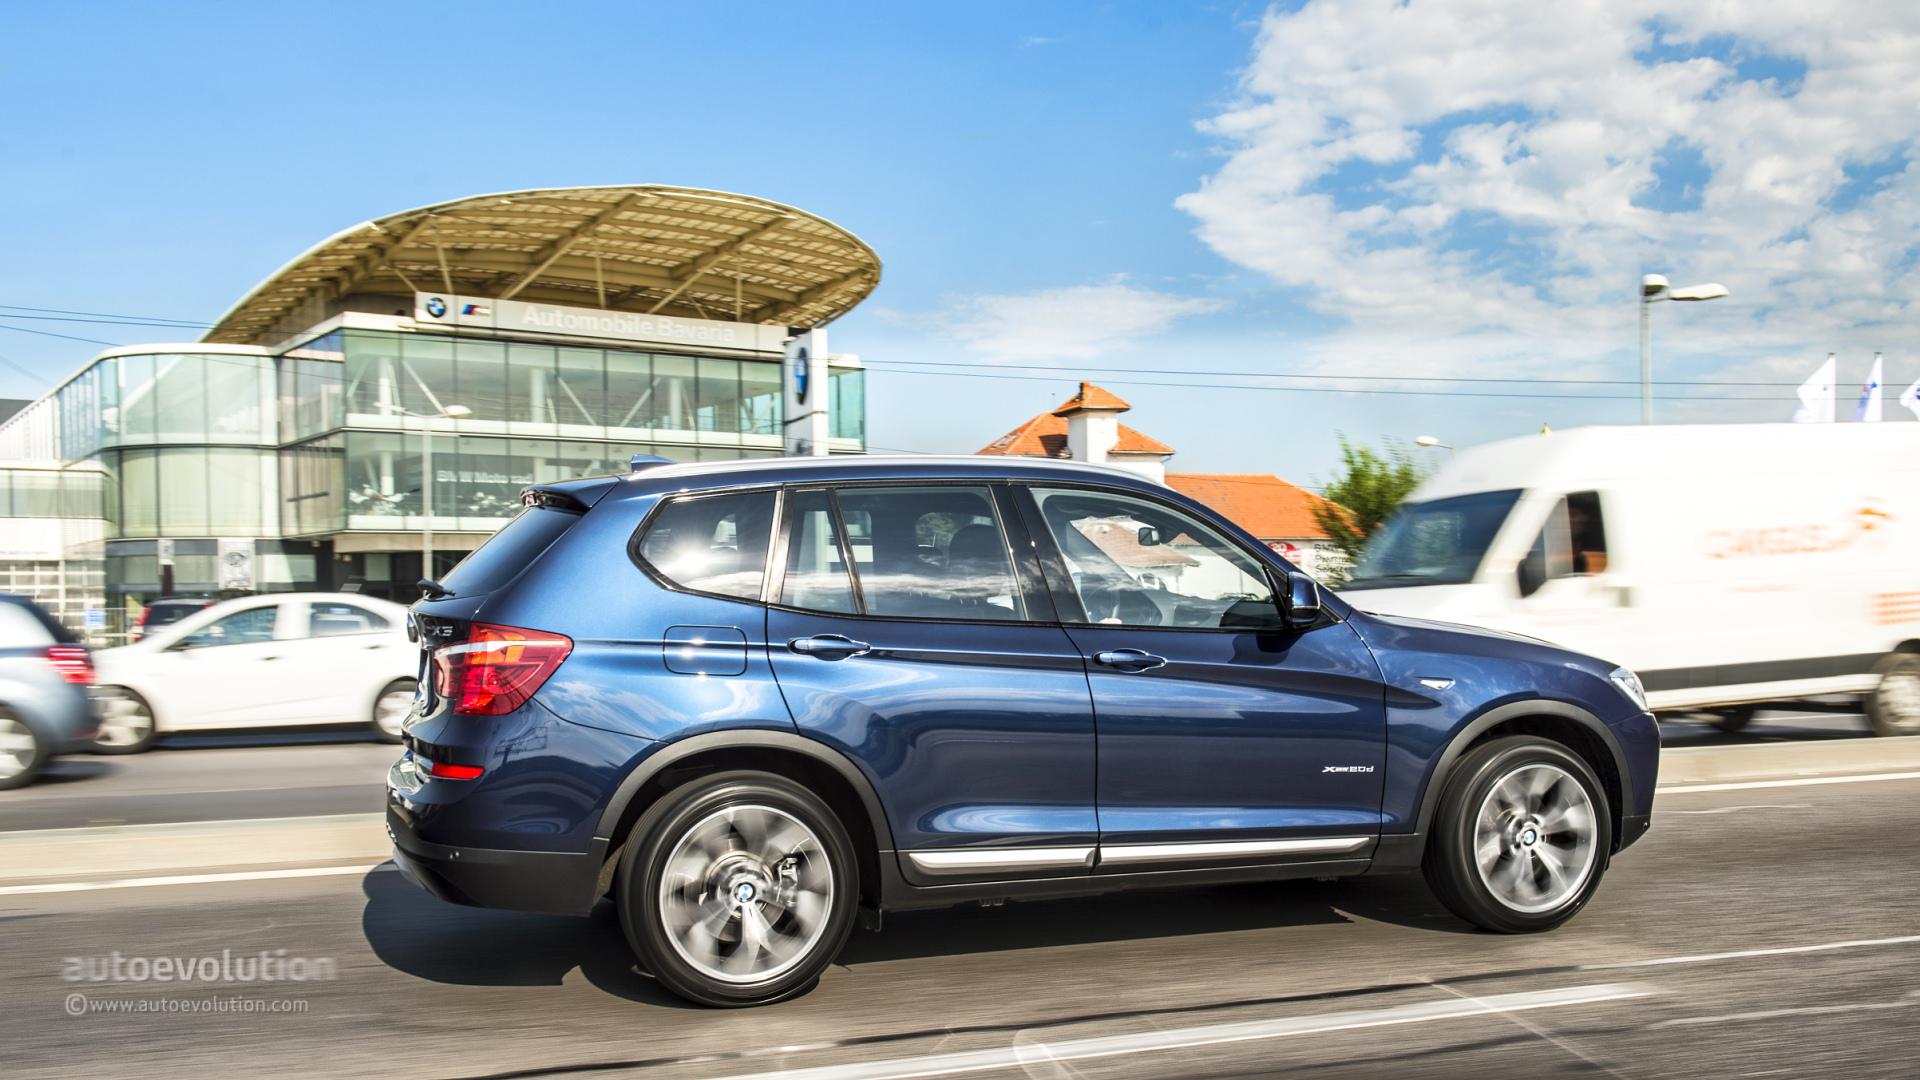 BMW X Review Autoevolution - Blue bmw x3